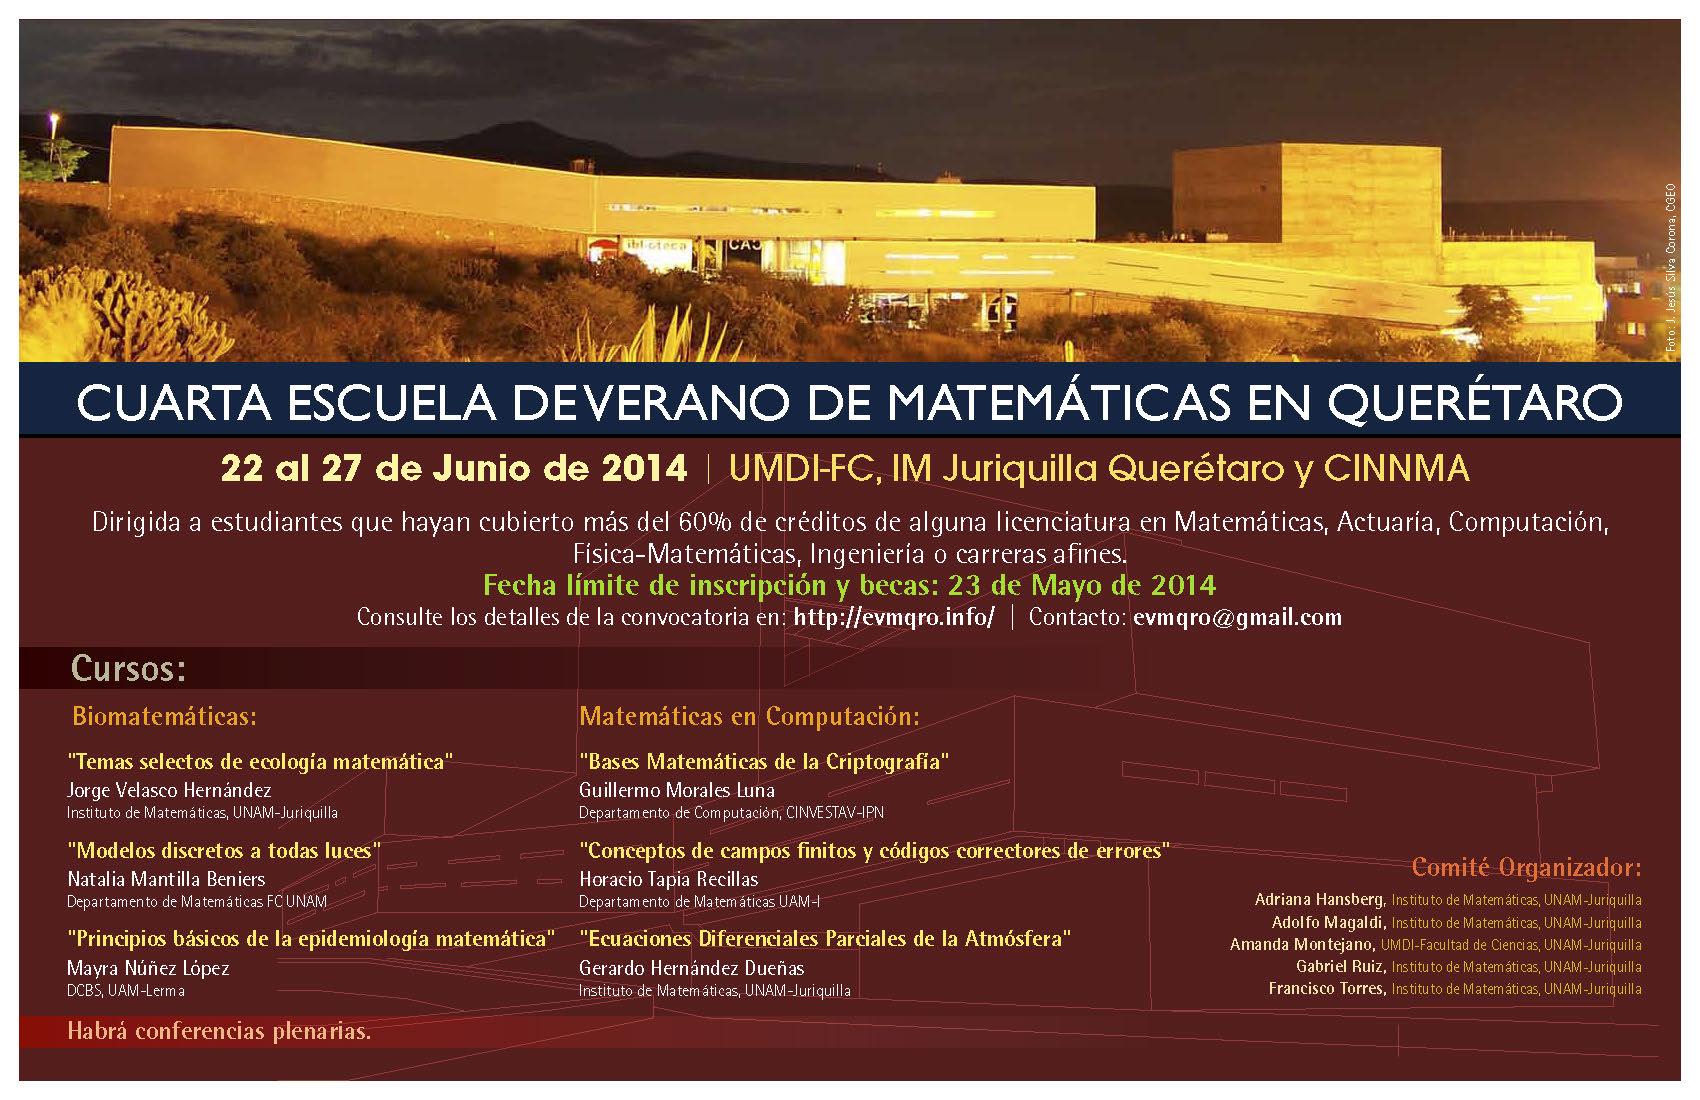 Cuarta Escuela de Verano de Matemáticas en Querétaro